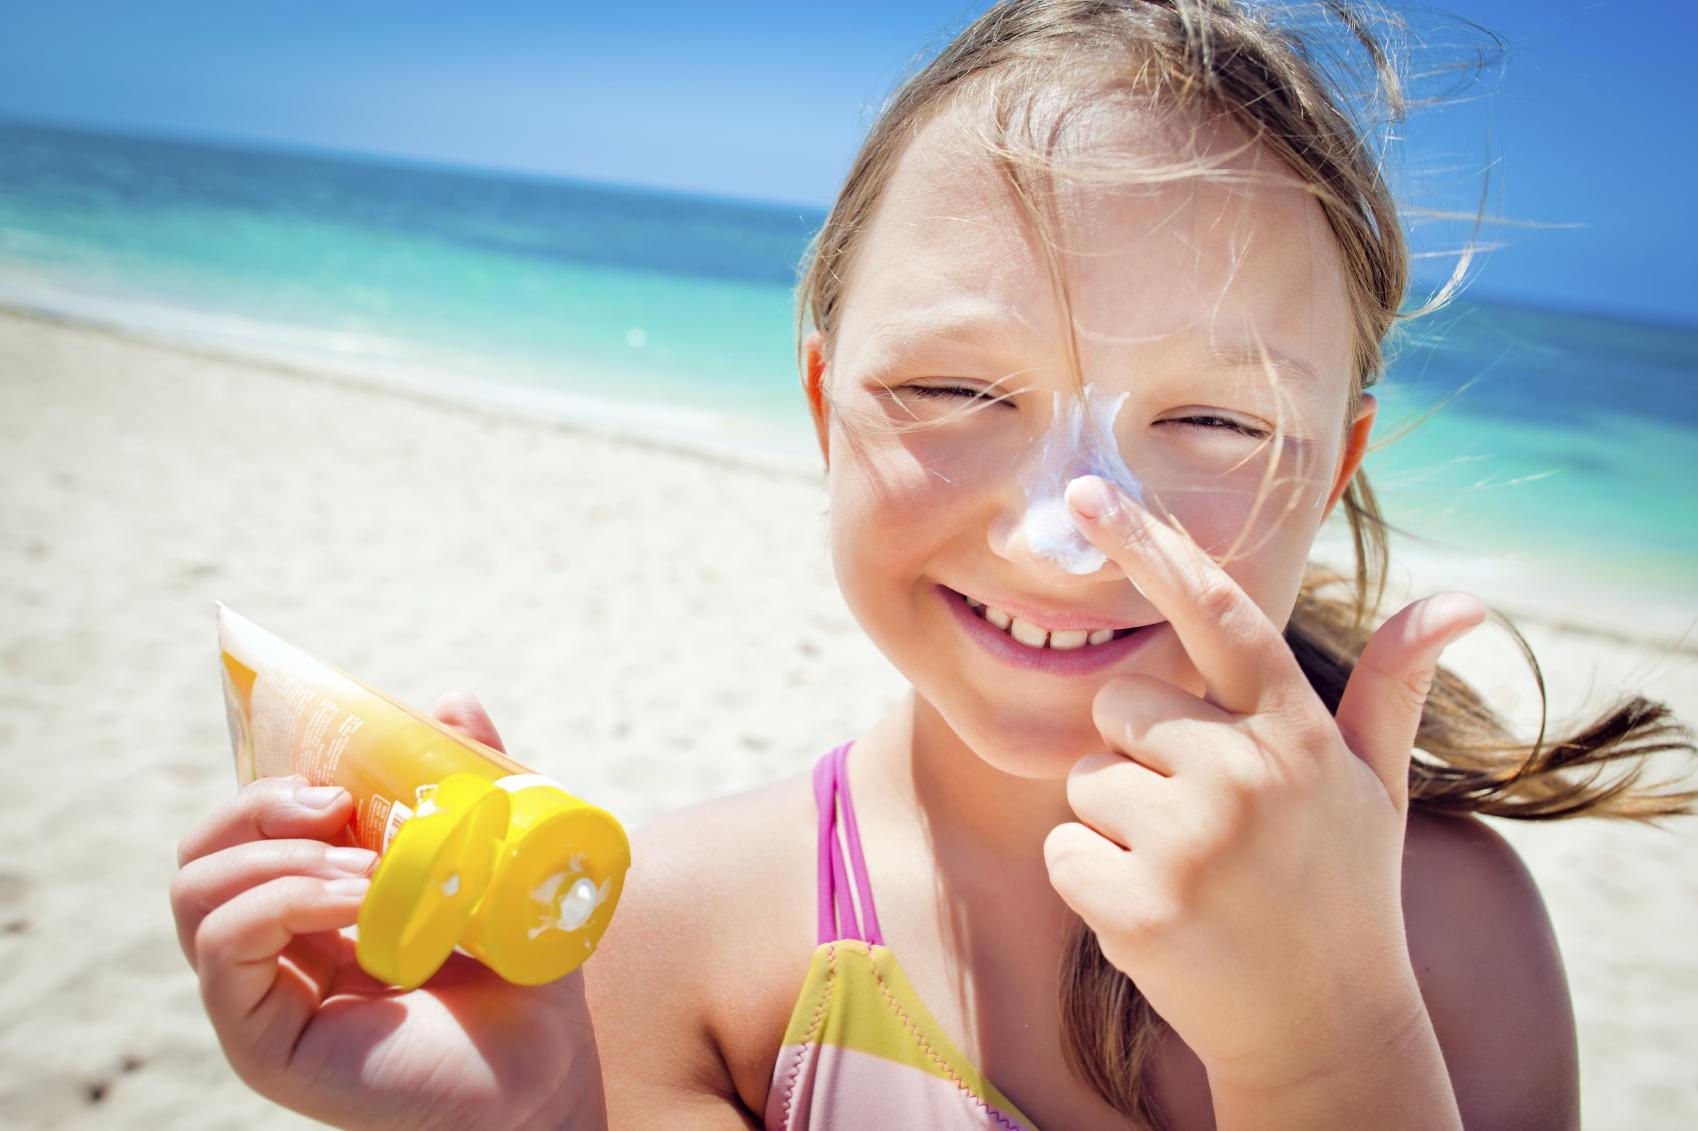 Nghiên cứu chỉ ra rằng: Thoa kem chống nắng từ khi còn nhỏ giúp giảm đến 40% nguy cơ mắc bệnh này về da  - Ảnh 5.